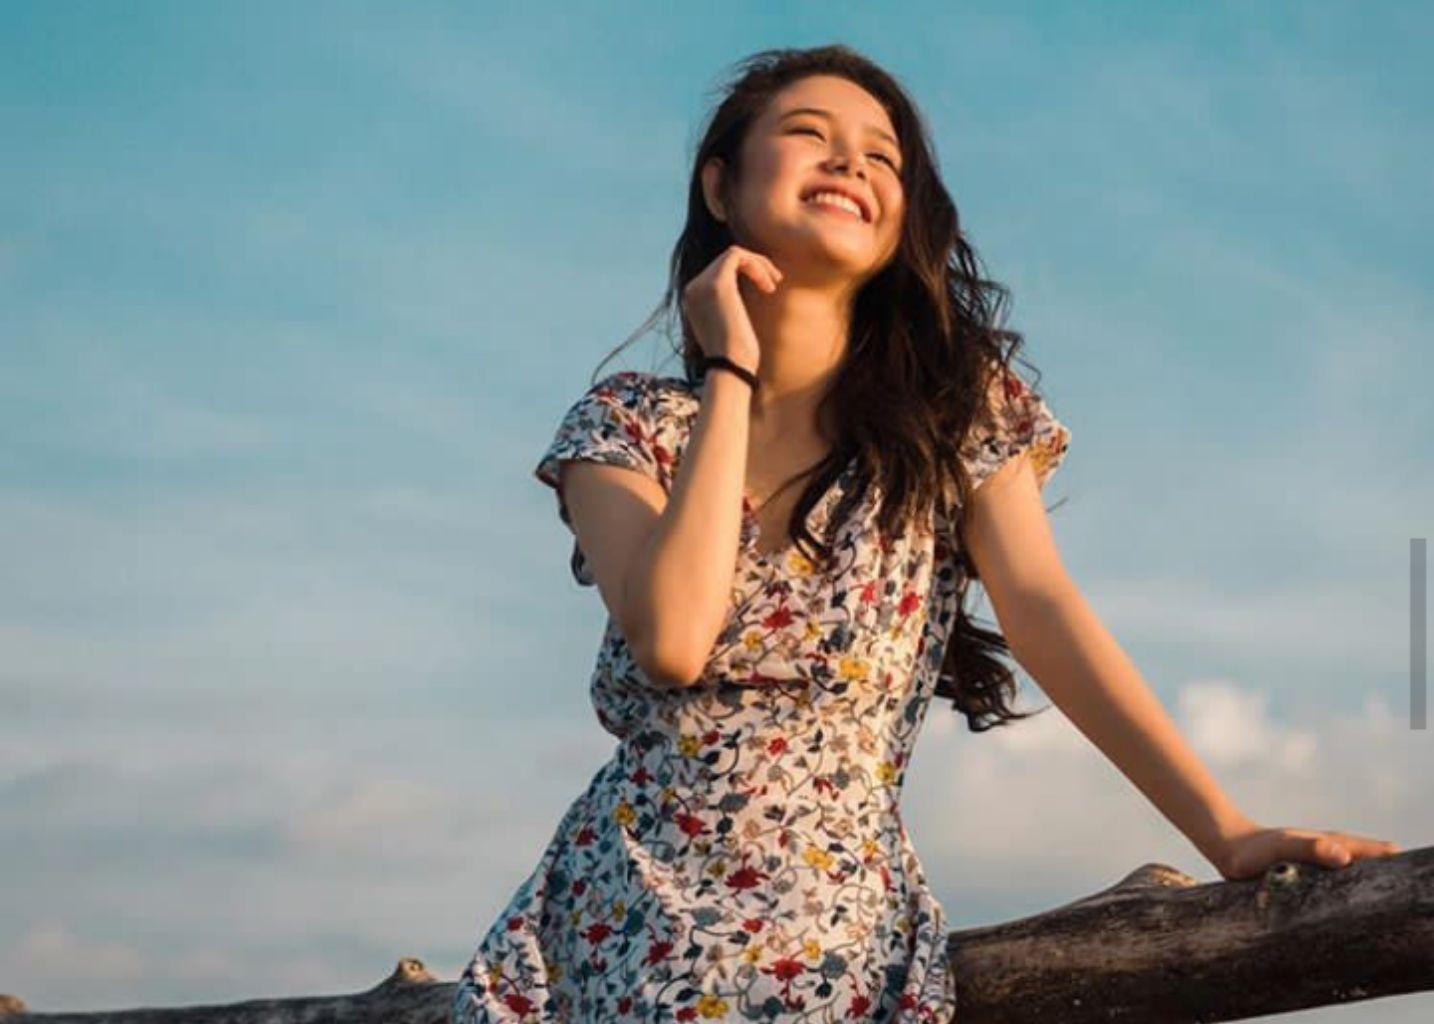 Rilis Single Perdana Aku Tanpamu, Ini 7 Fakta Unik Maizura